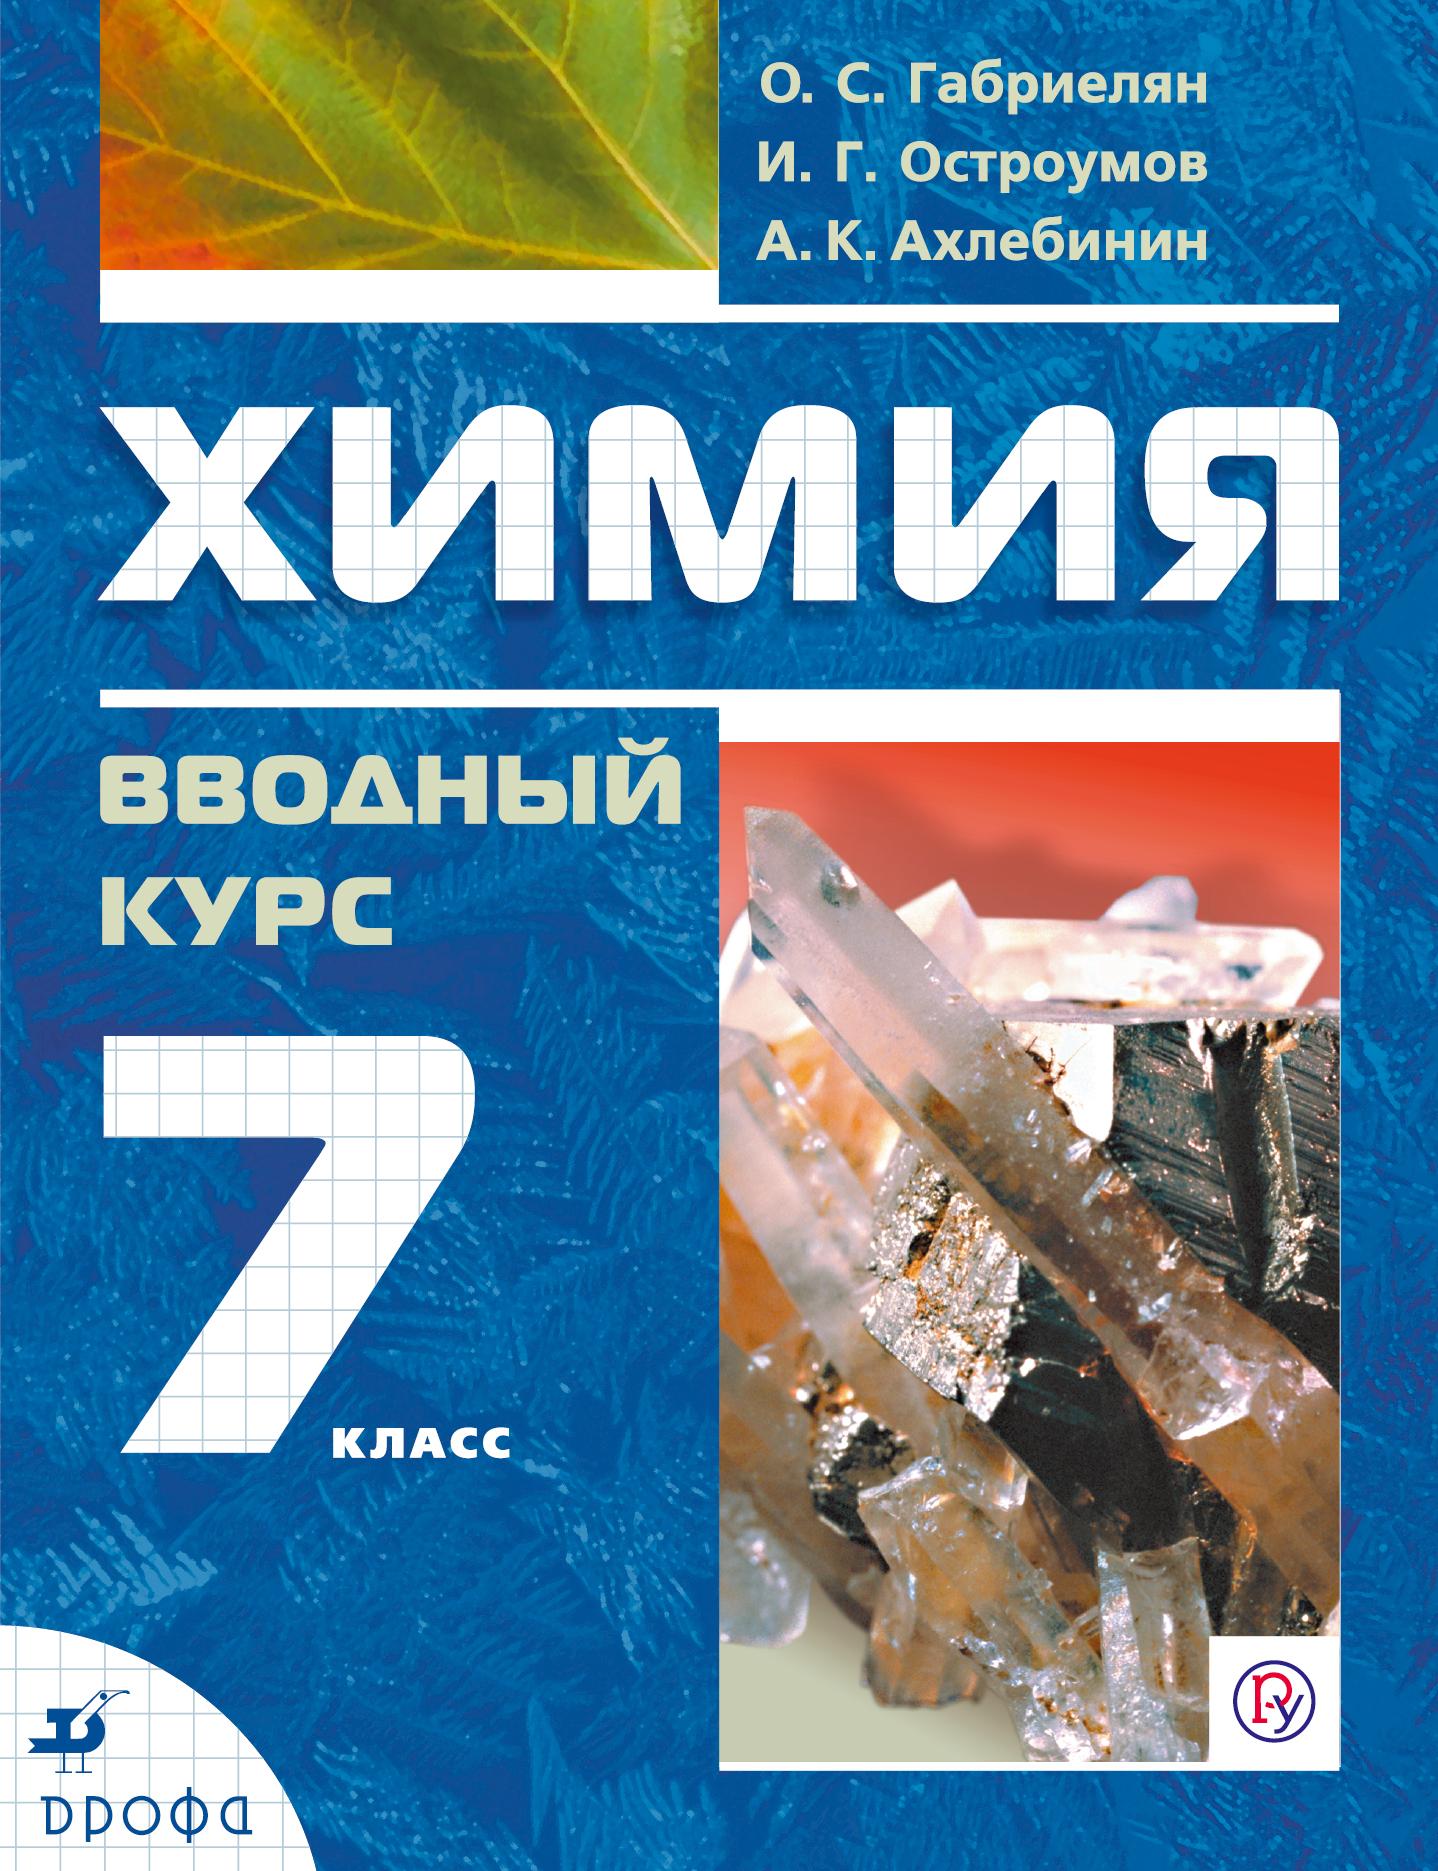 Скачать учебник химию кузнецов 10 класс pdf